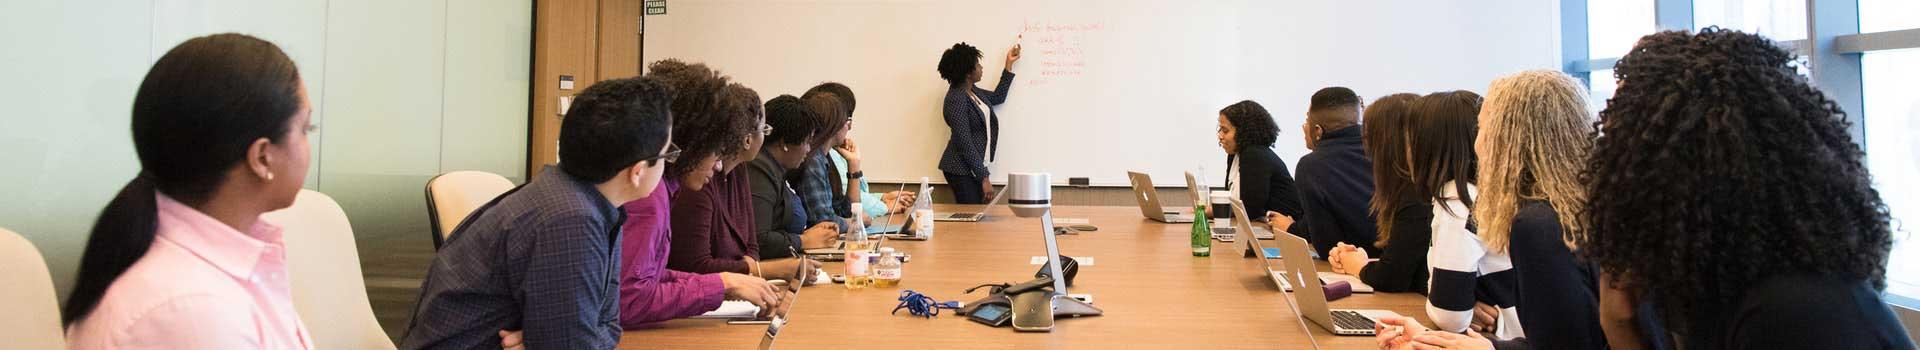 Onze (praktijk)opleidingen zijn inmiddels een begrip in de markt, onze interne trainingen/opleidingen zijn uitgegroeid tot een volledig training- en cursusaanbod.